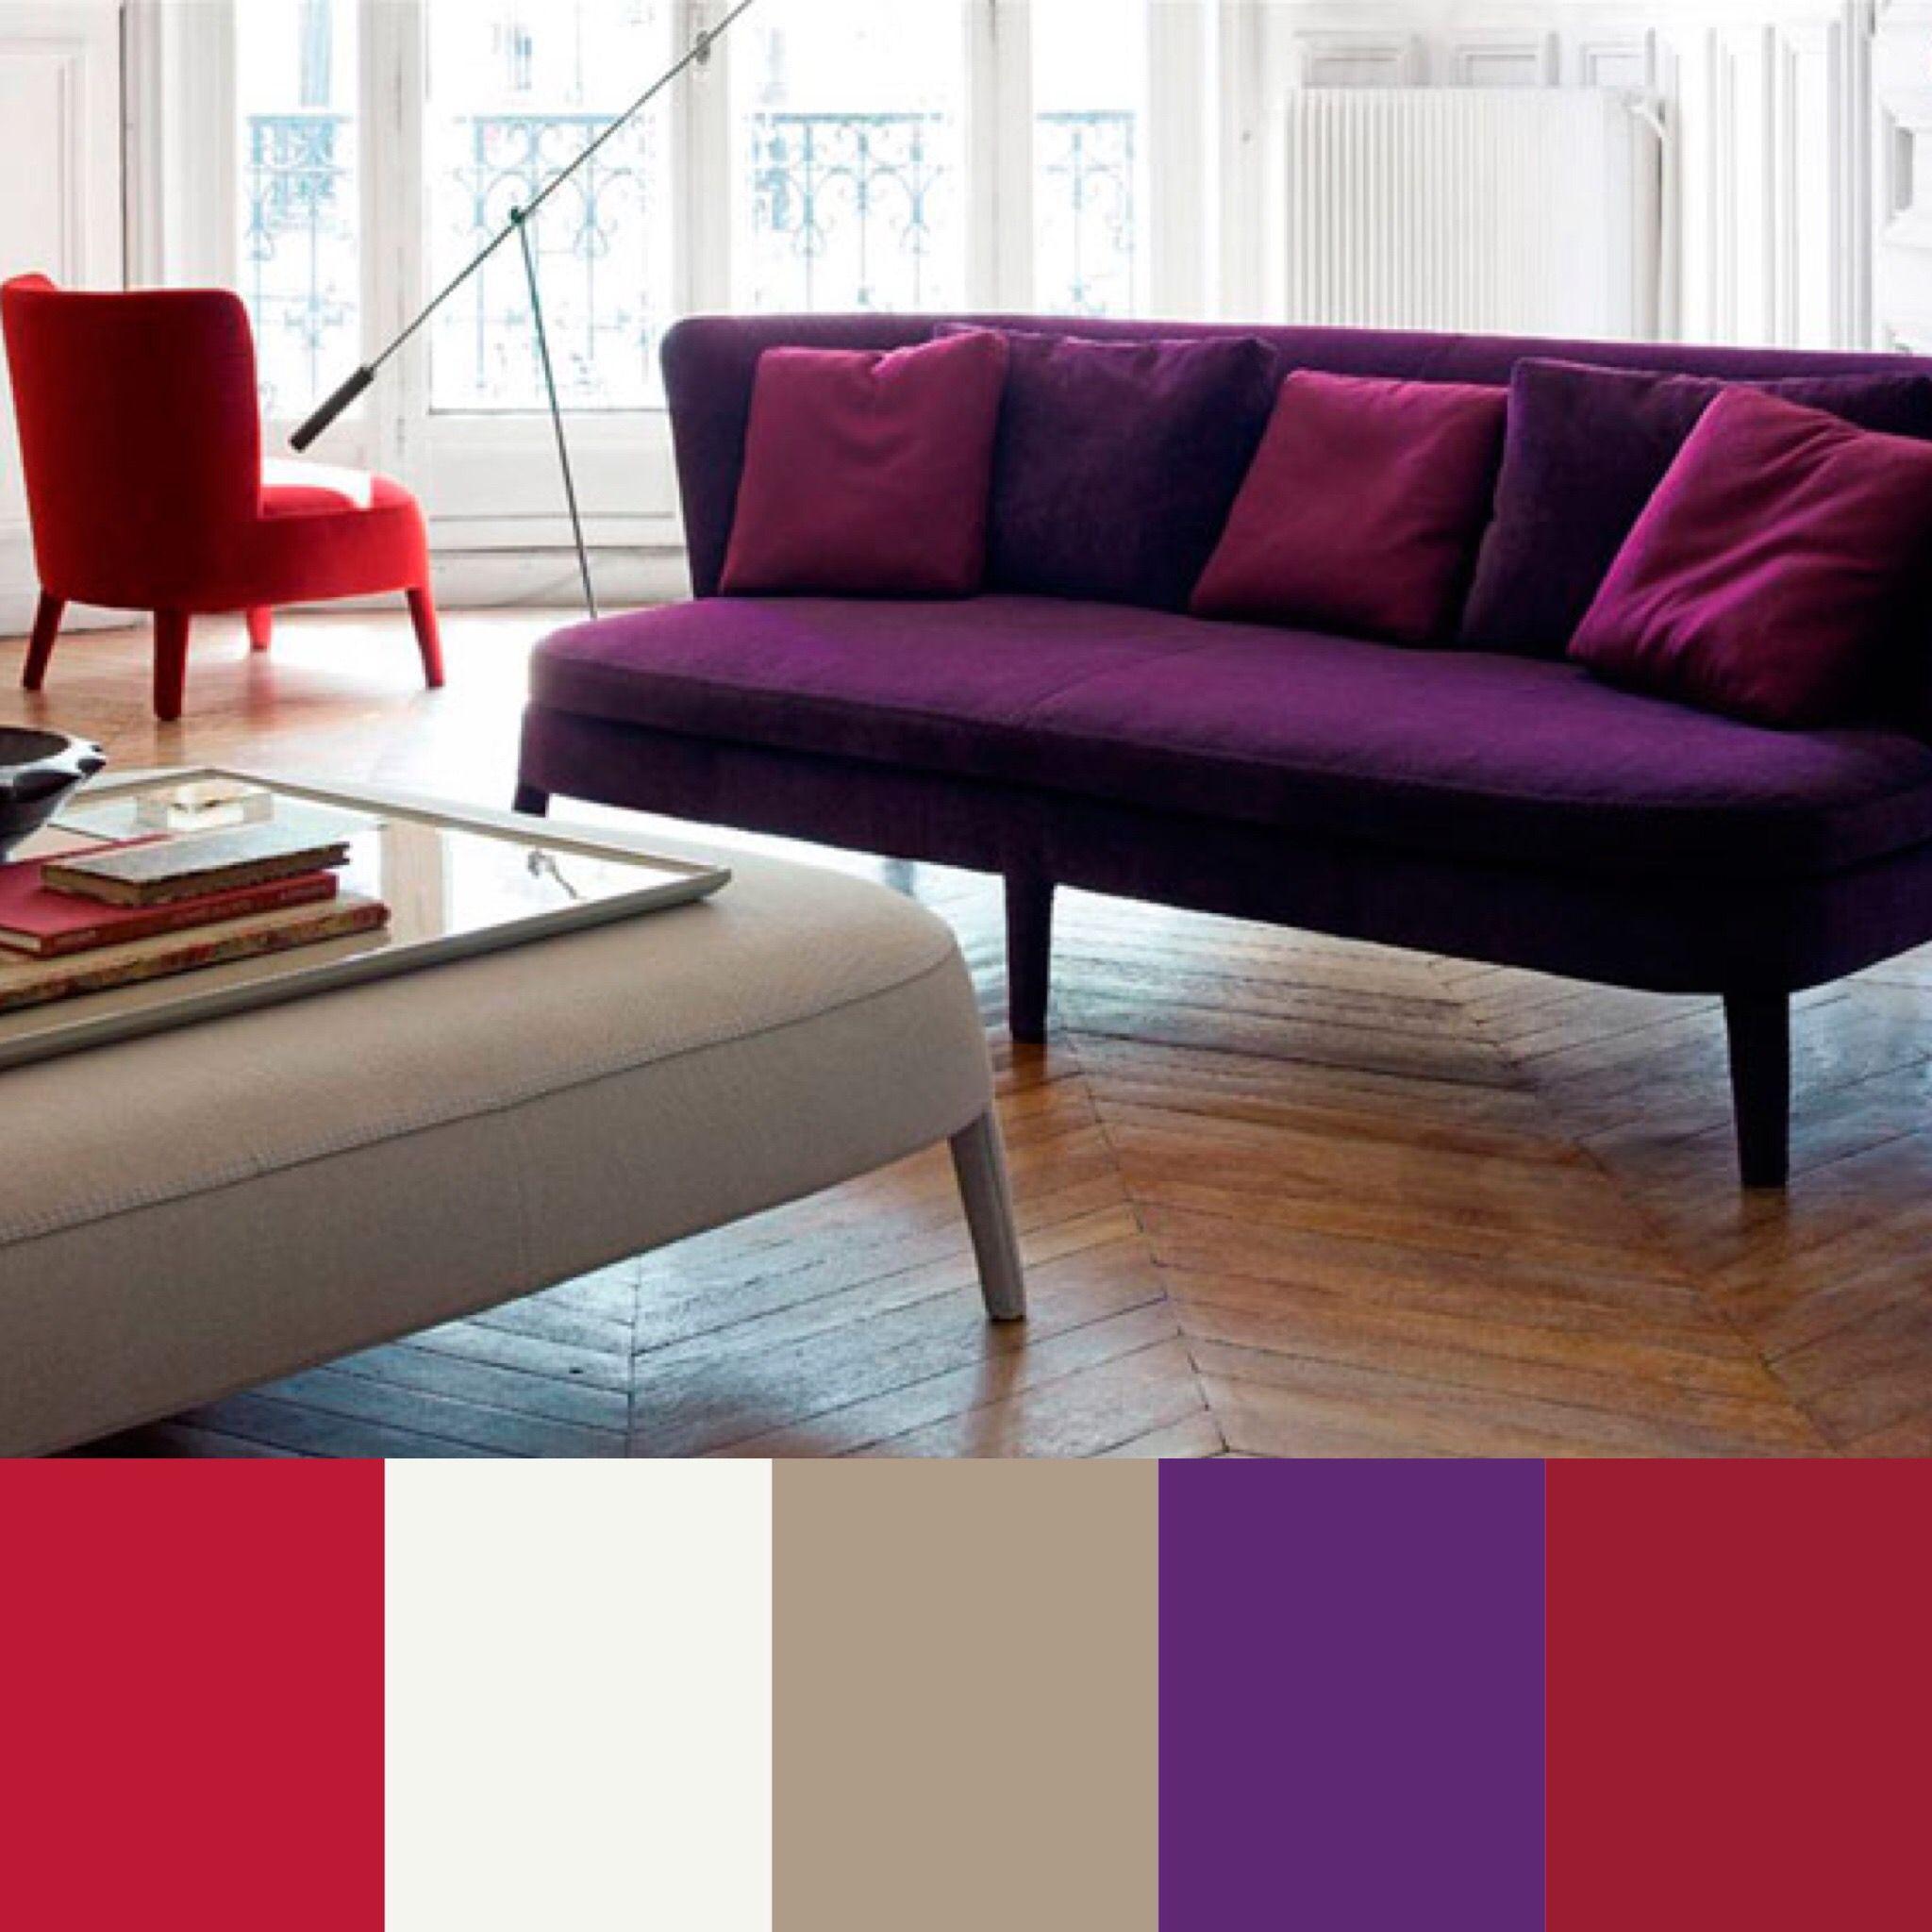 Come Abbinare I Colori In Casa - Consulente Di Immagine,